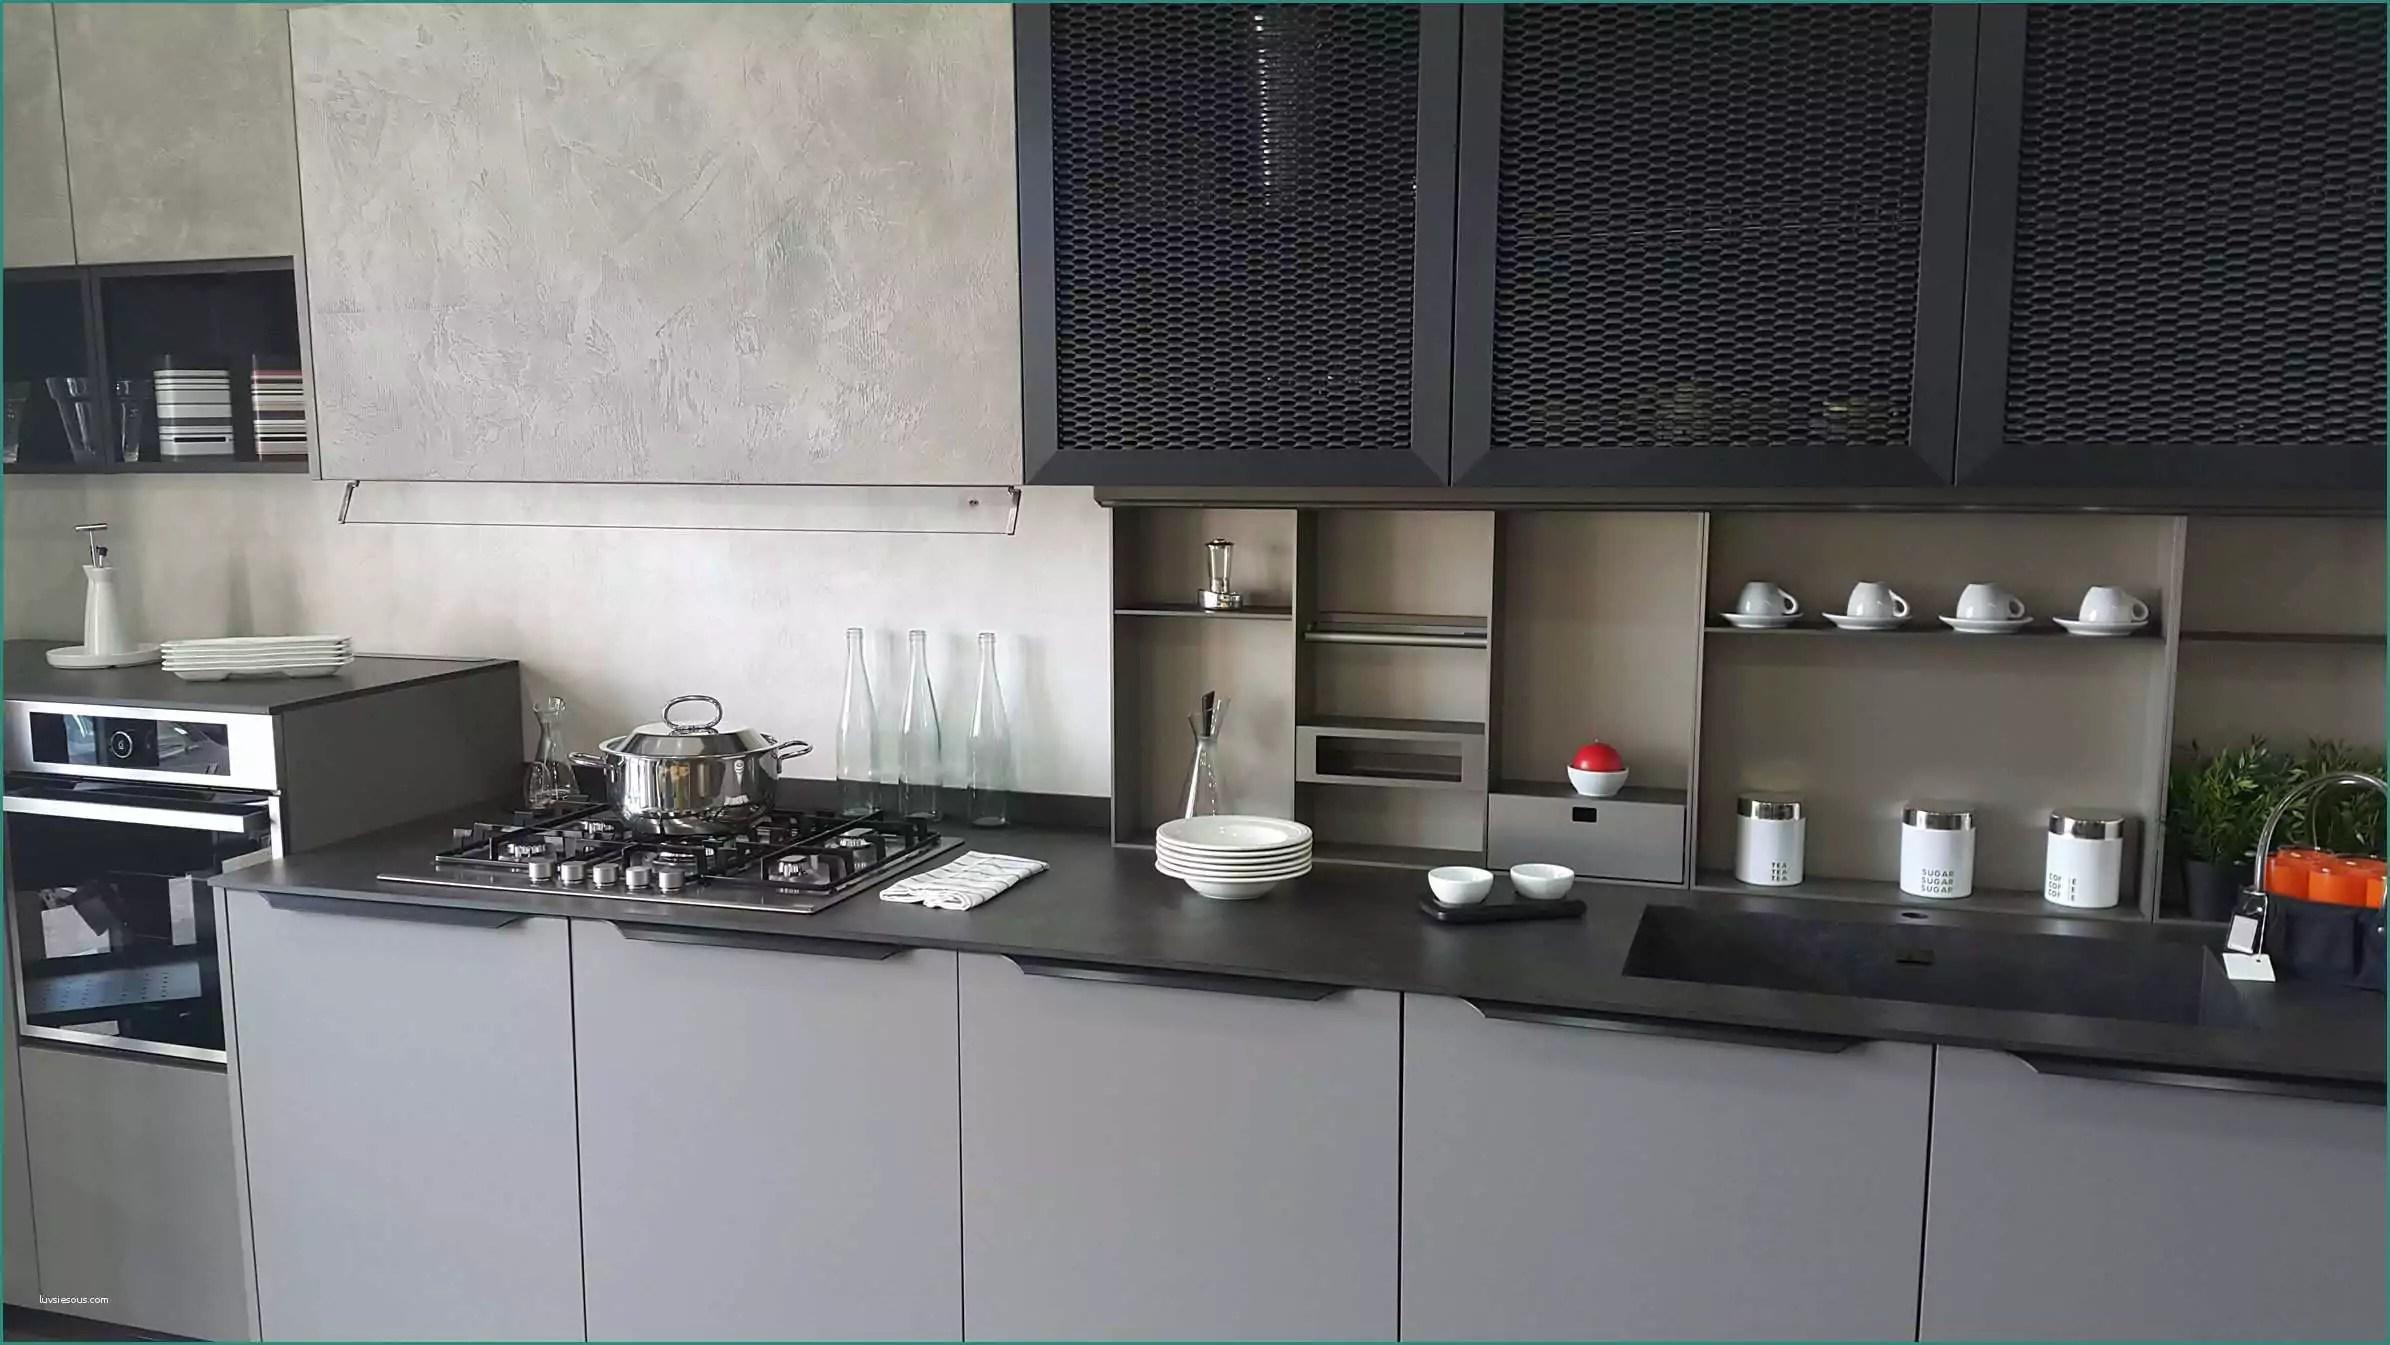 Cucina Moderna Thun | Cucina Angolare Moderna E Cucina Moderna ...